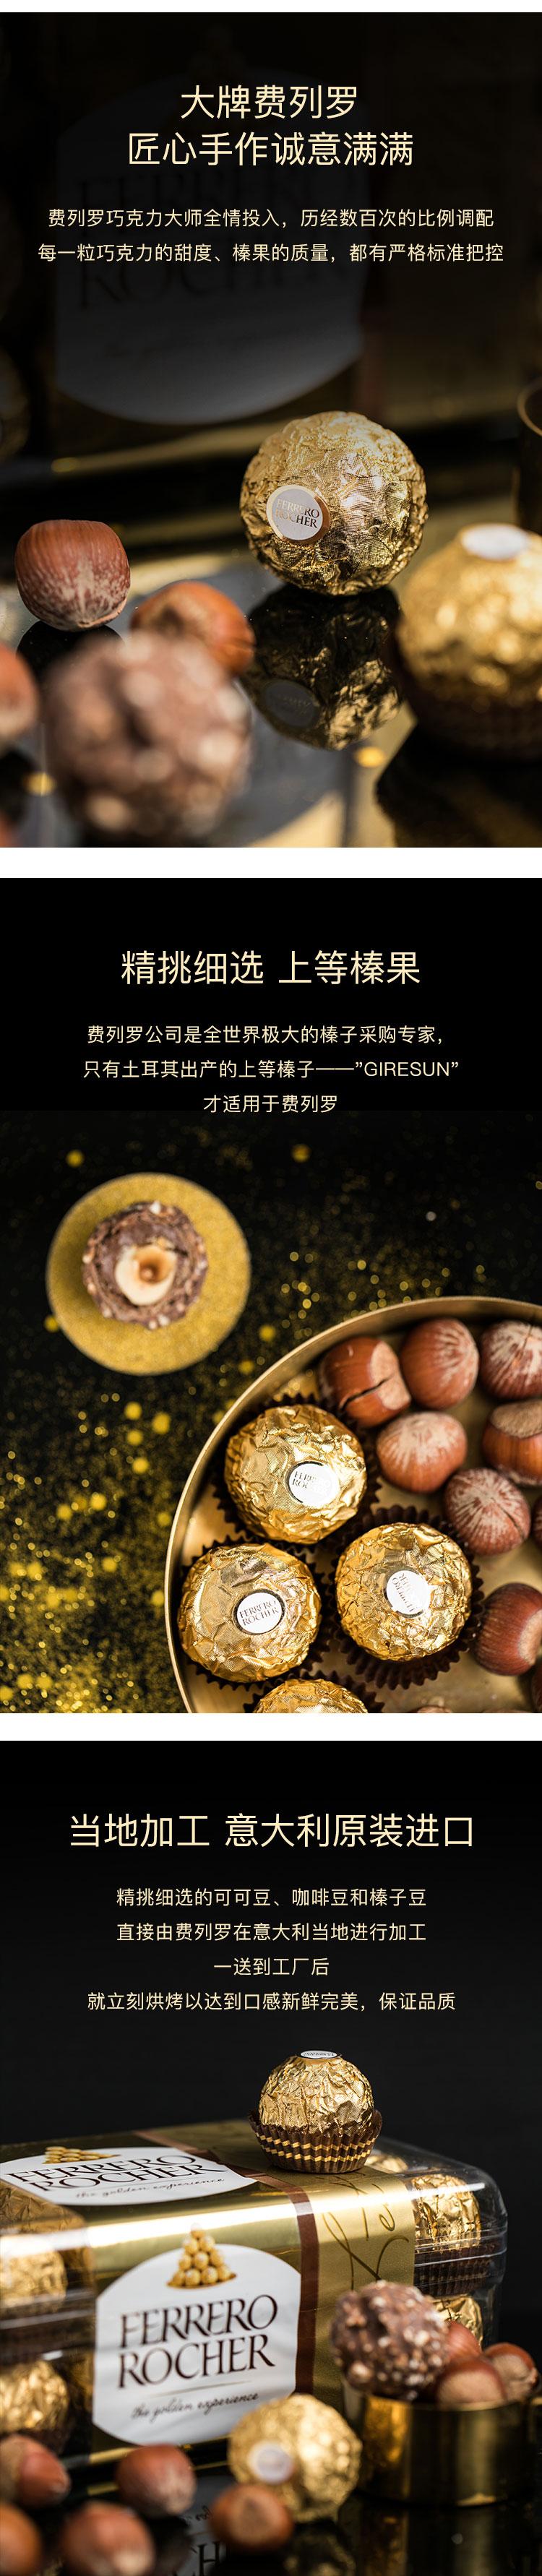 费列罗榛果威化巧克力 30粒盒装 仅发江浙沪